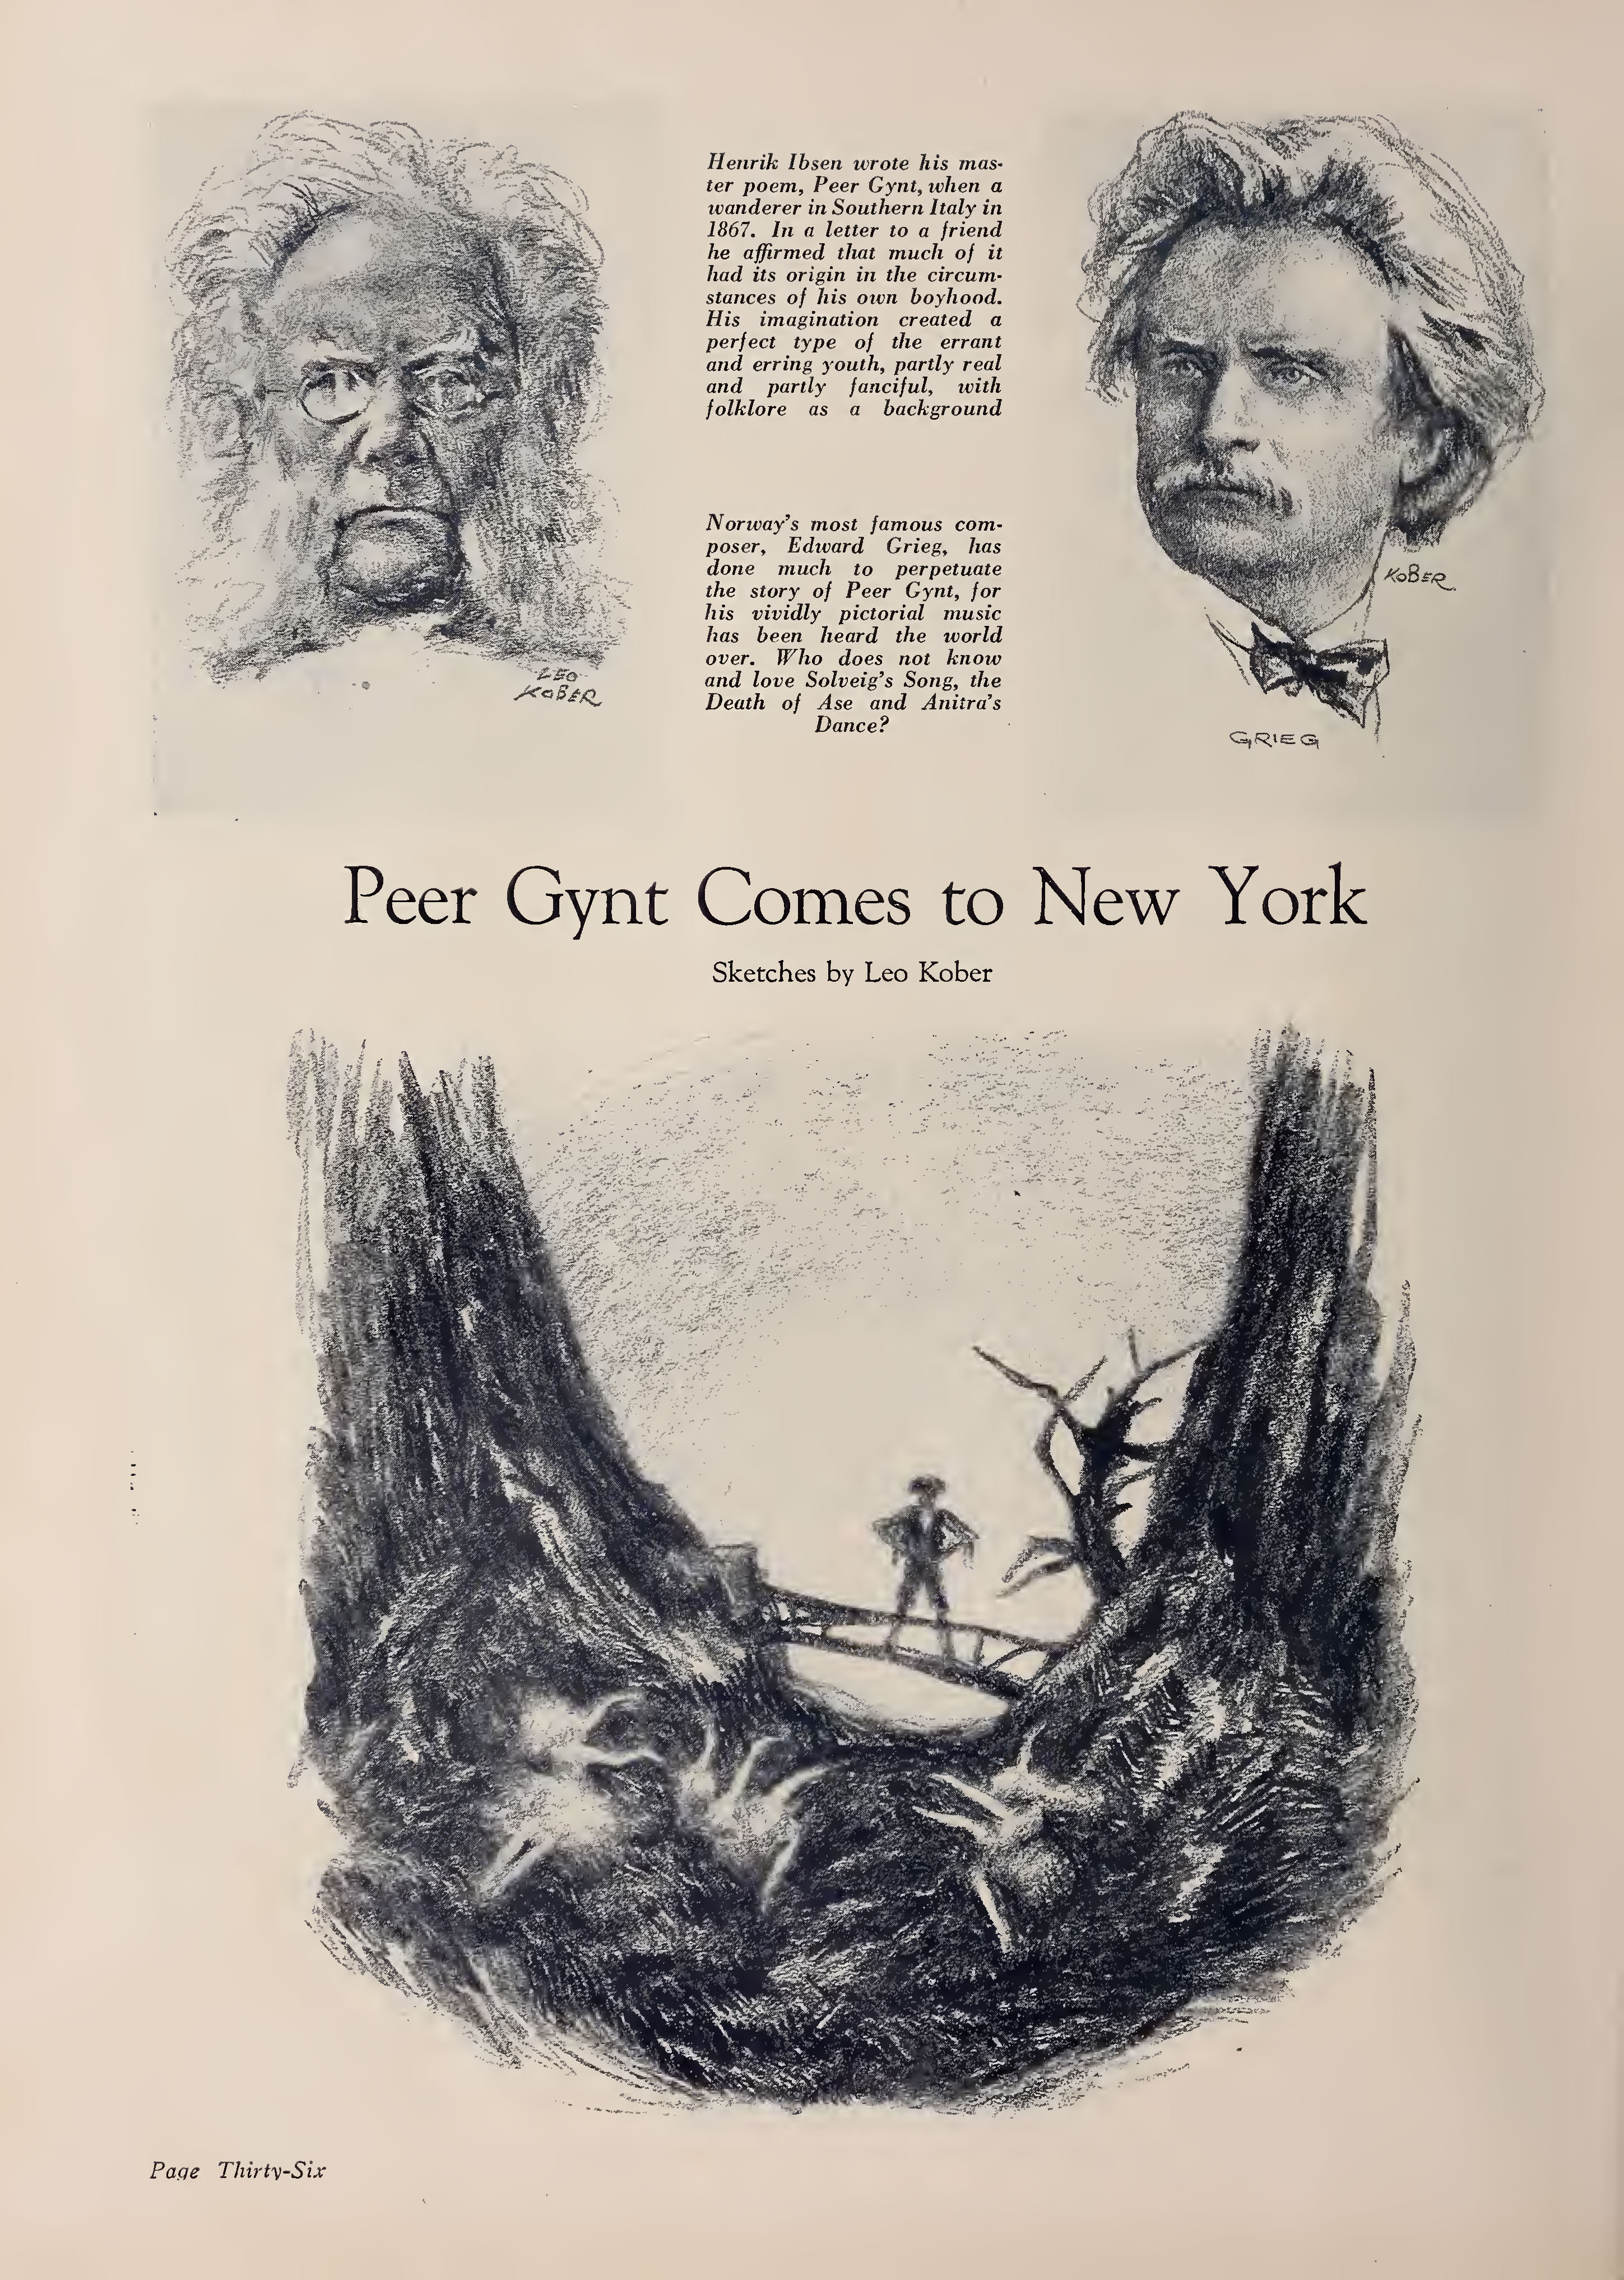 peergynt_shadowland_1923-4_page_1.jpg